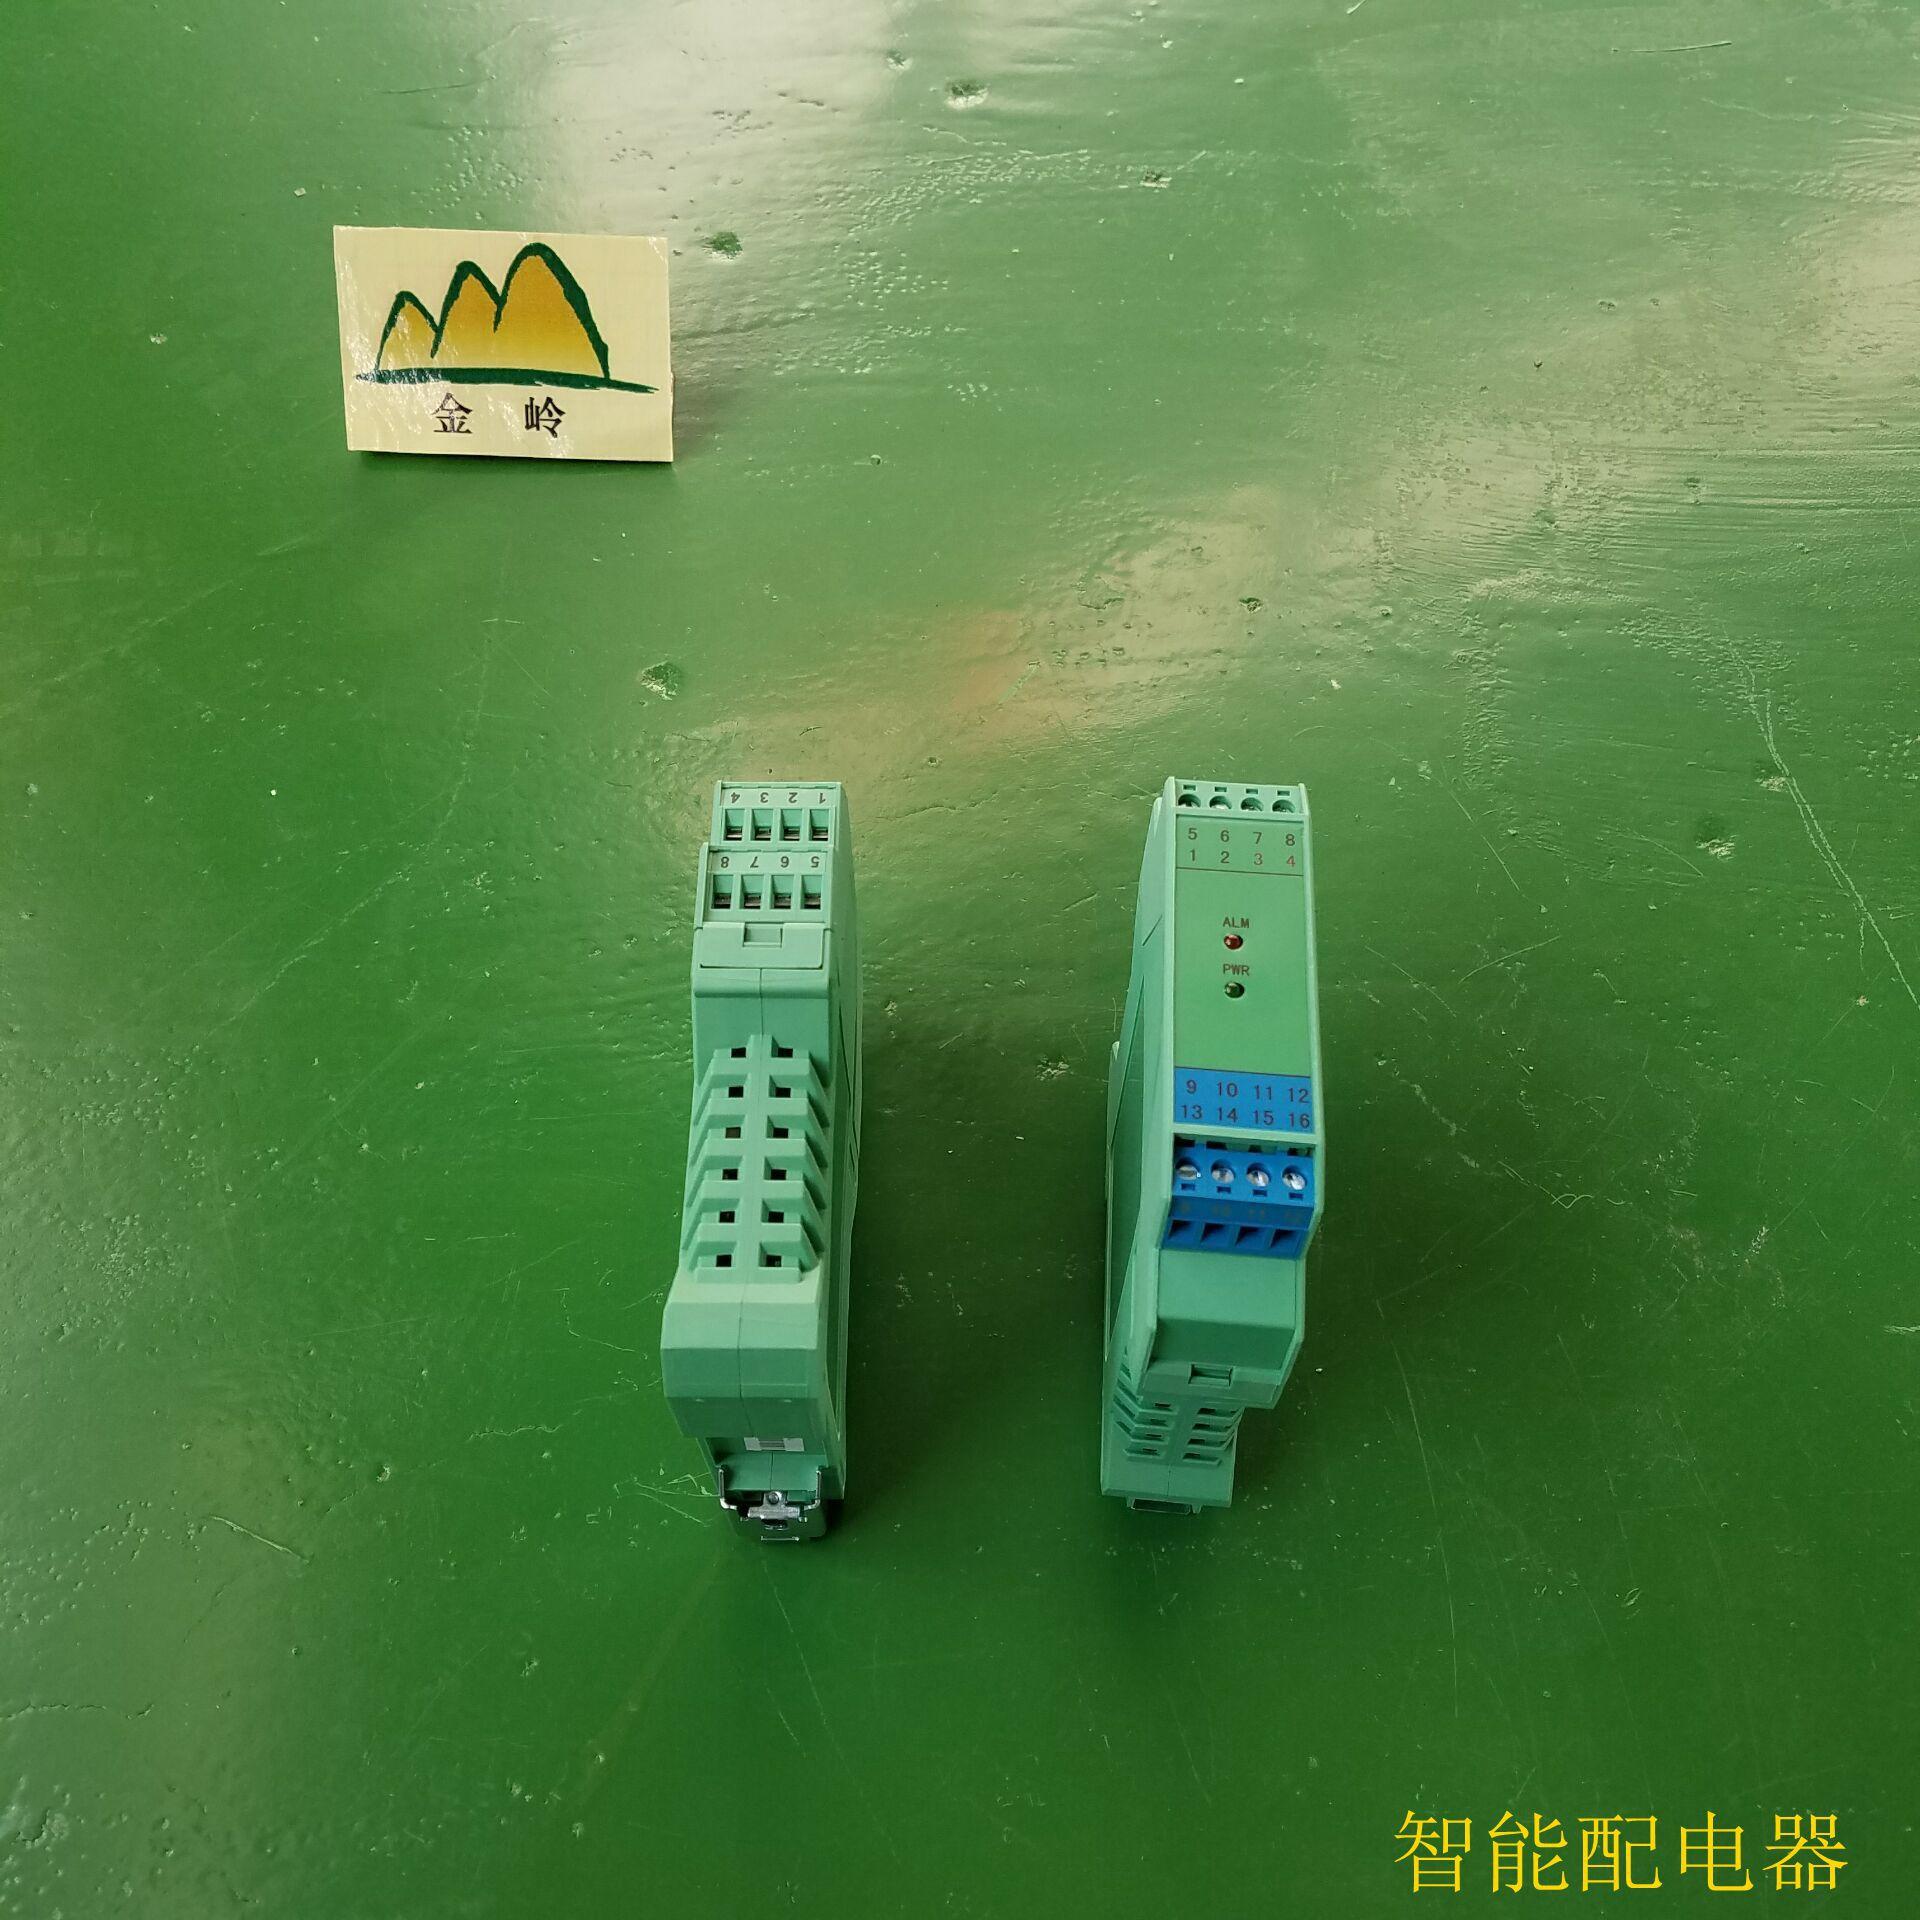 Đối với các nhà sản xuất và cung cấp thiết bị thông minh